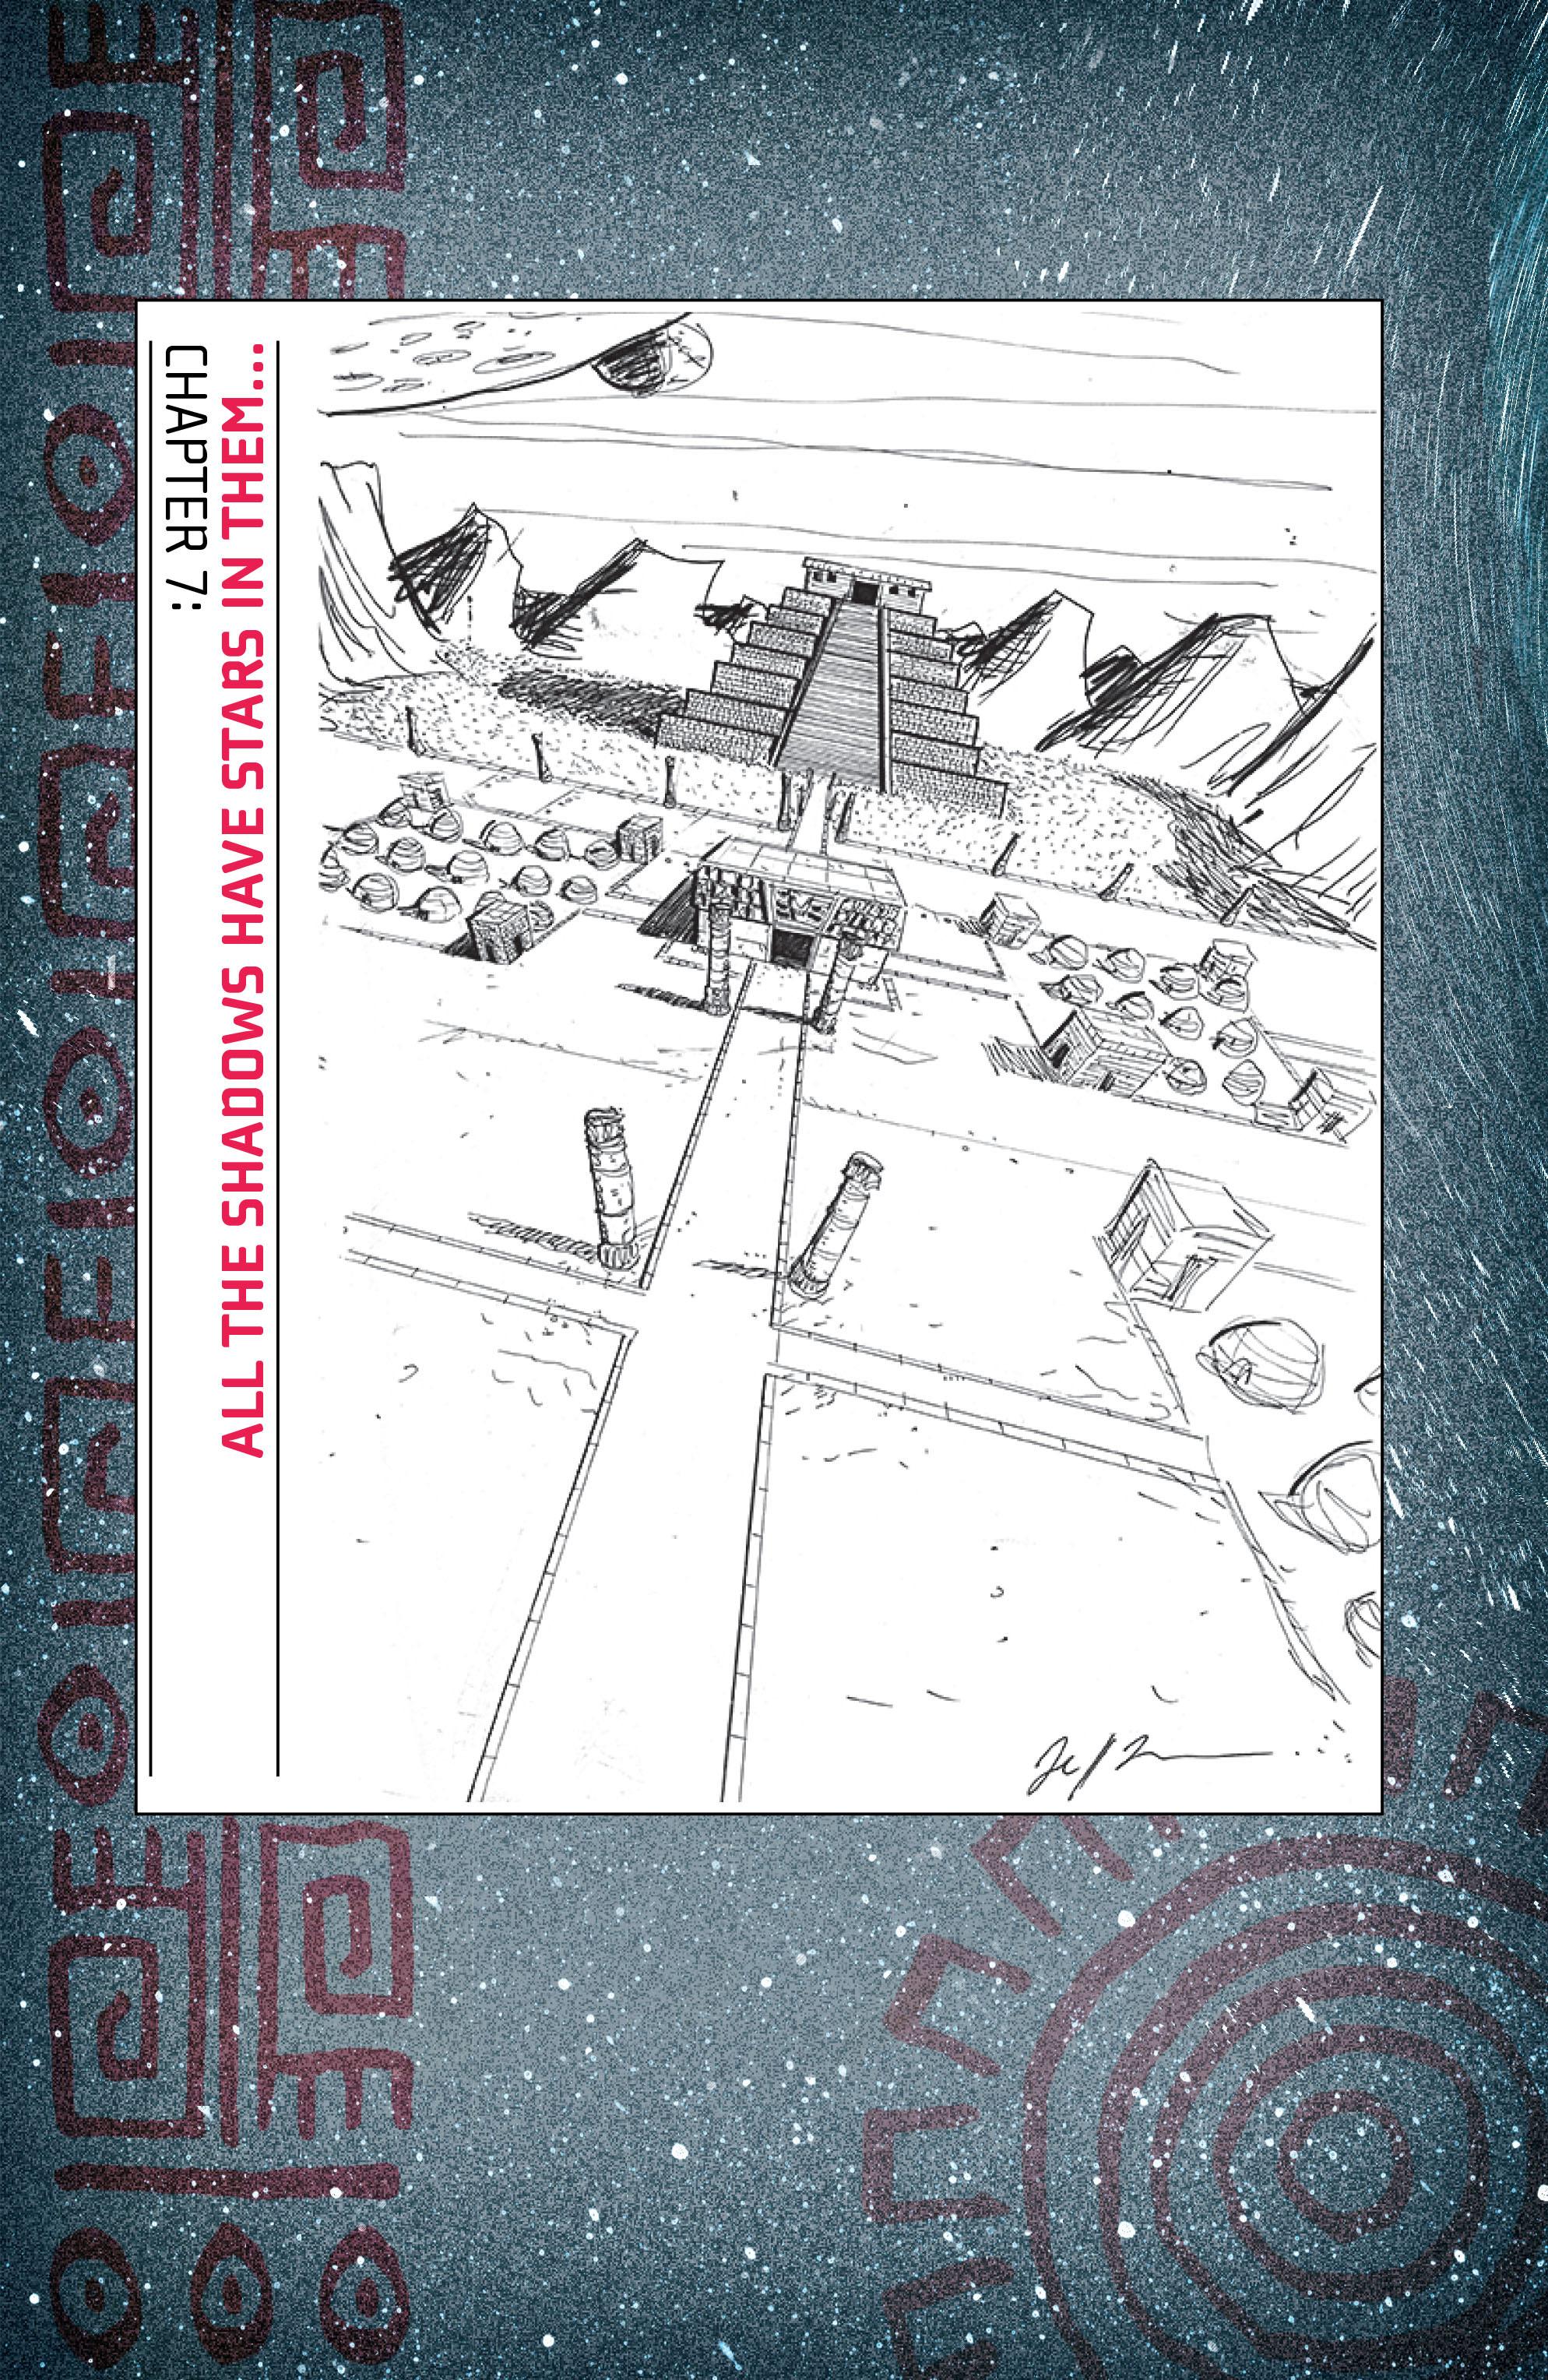 Read online Trillium comic -  Issue # TPB - 160